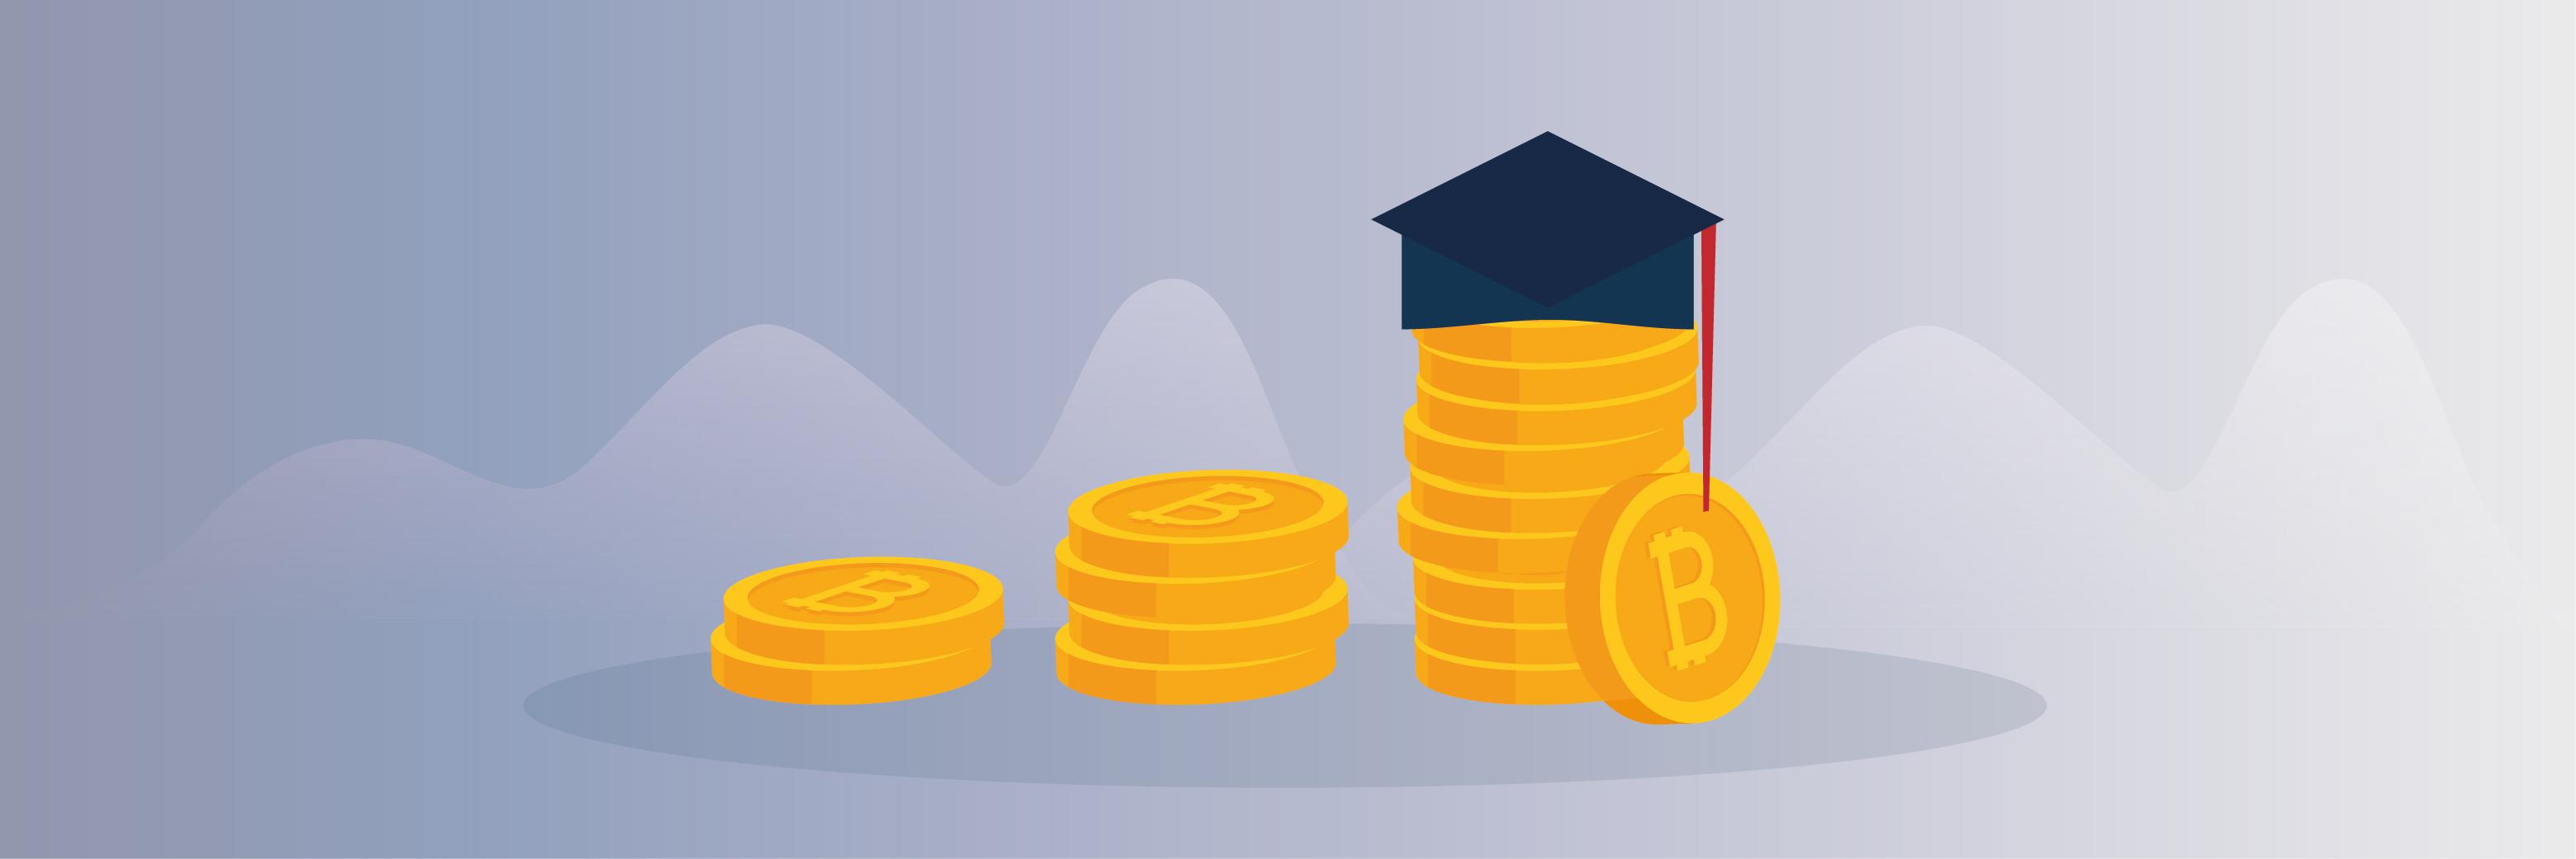 7 نصائح مهمة لدفع أقساط الدراسة الجامعيّة دون أن تُفلس